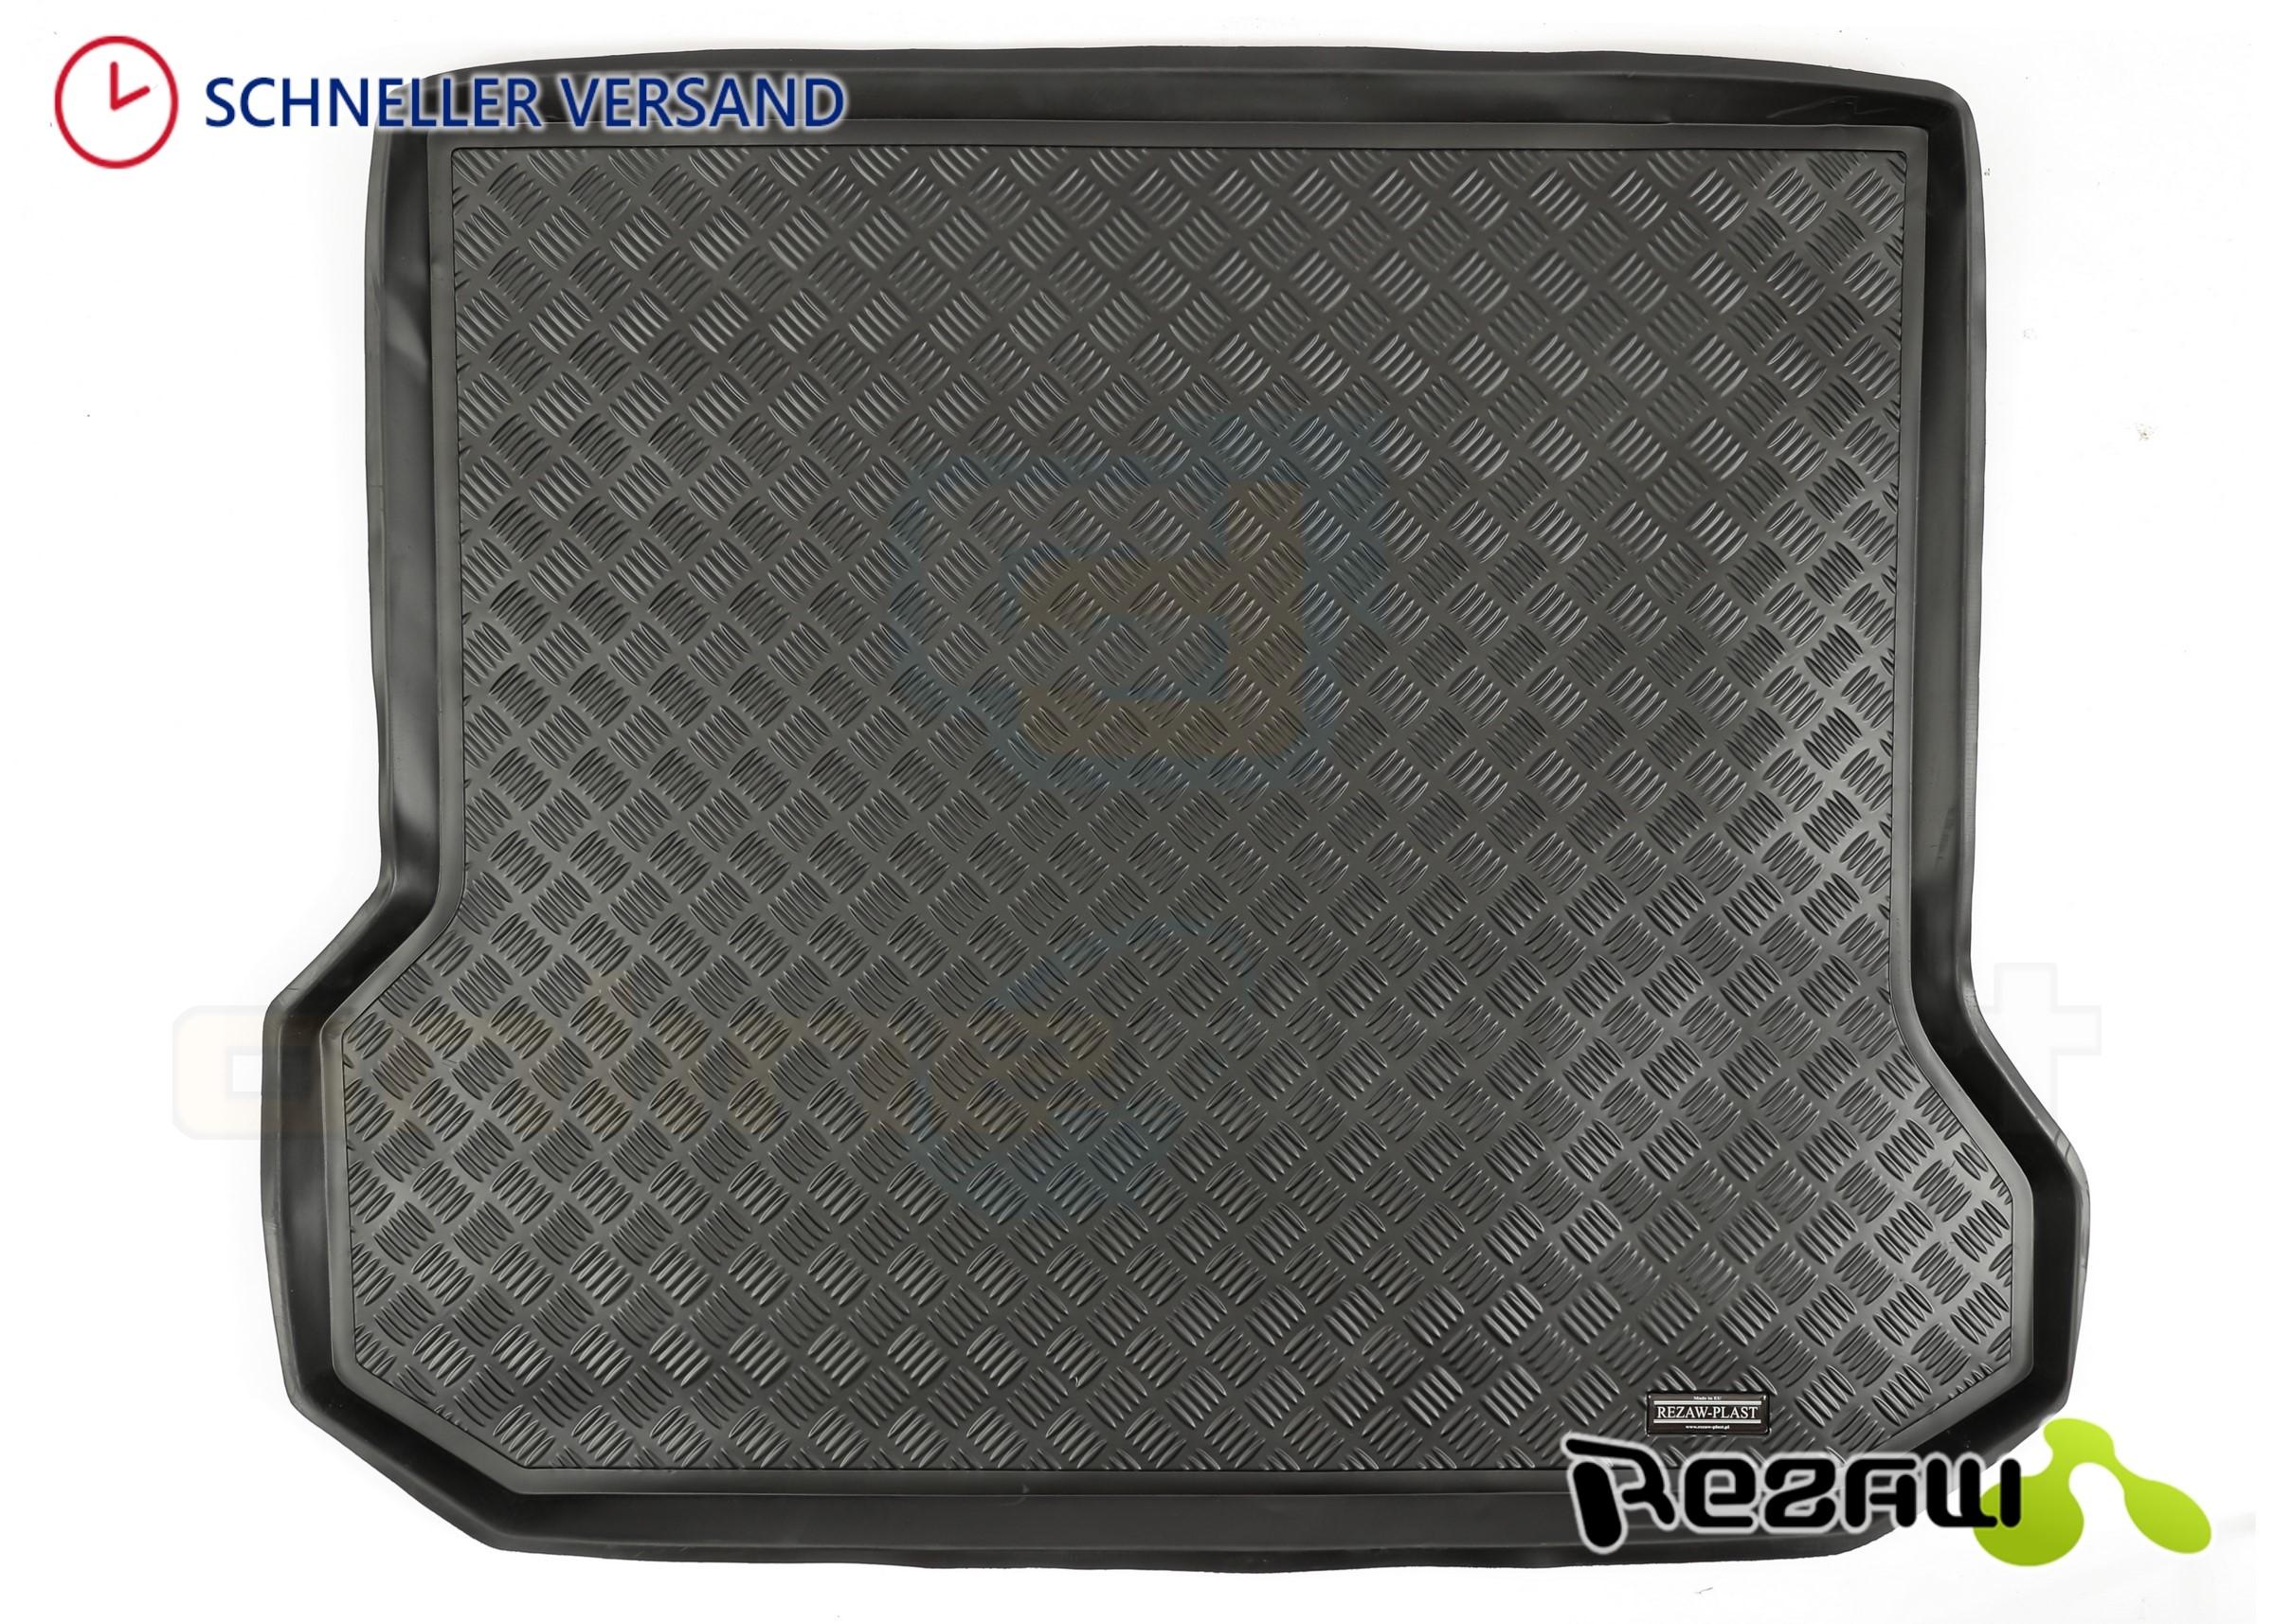 2007-2016 Kofferraumwanne Antirutsch passend für Volvo V70 Kombi Bj